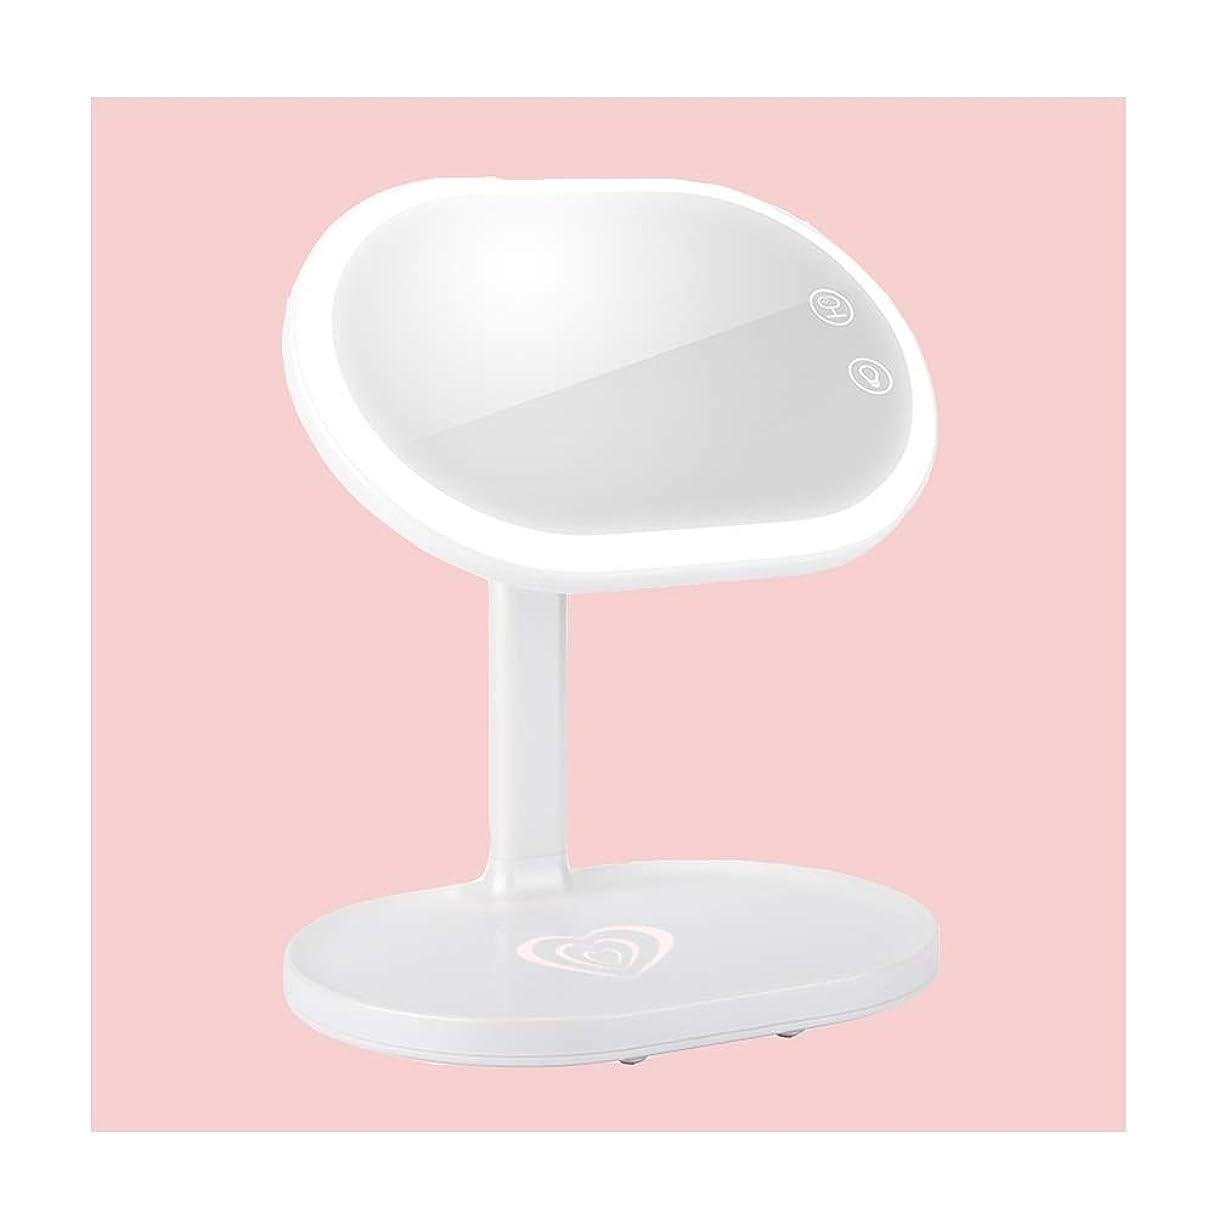 乳製品朝の体操をするラテンALGWXQ LED化粧鏡 贈り物 携帯電話のワイヤレス充電 180°調整 多機能 フィル顕微鏡、 230x260x160mm (Color : White)